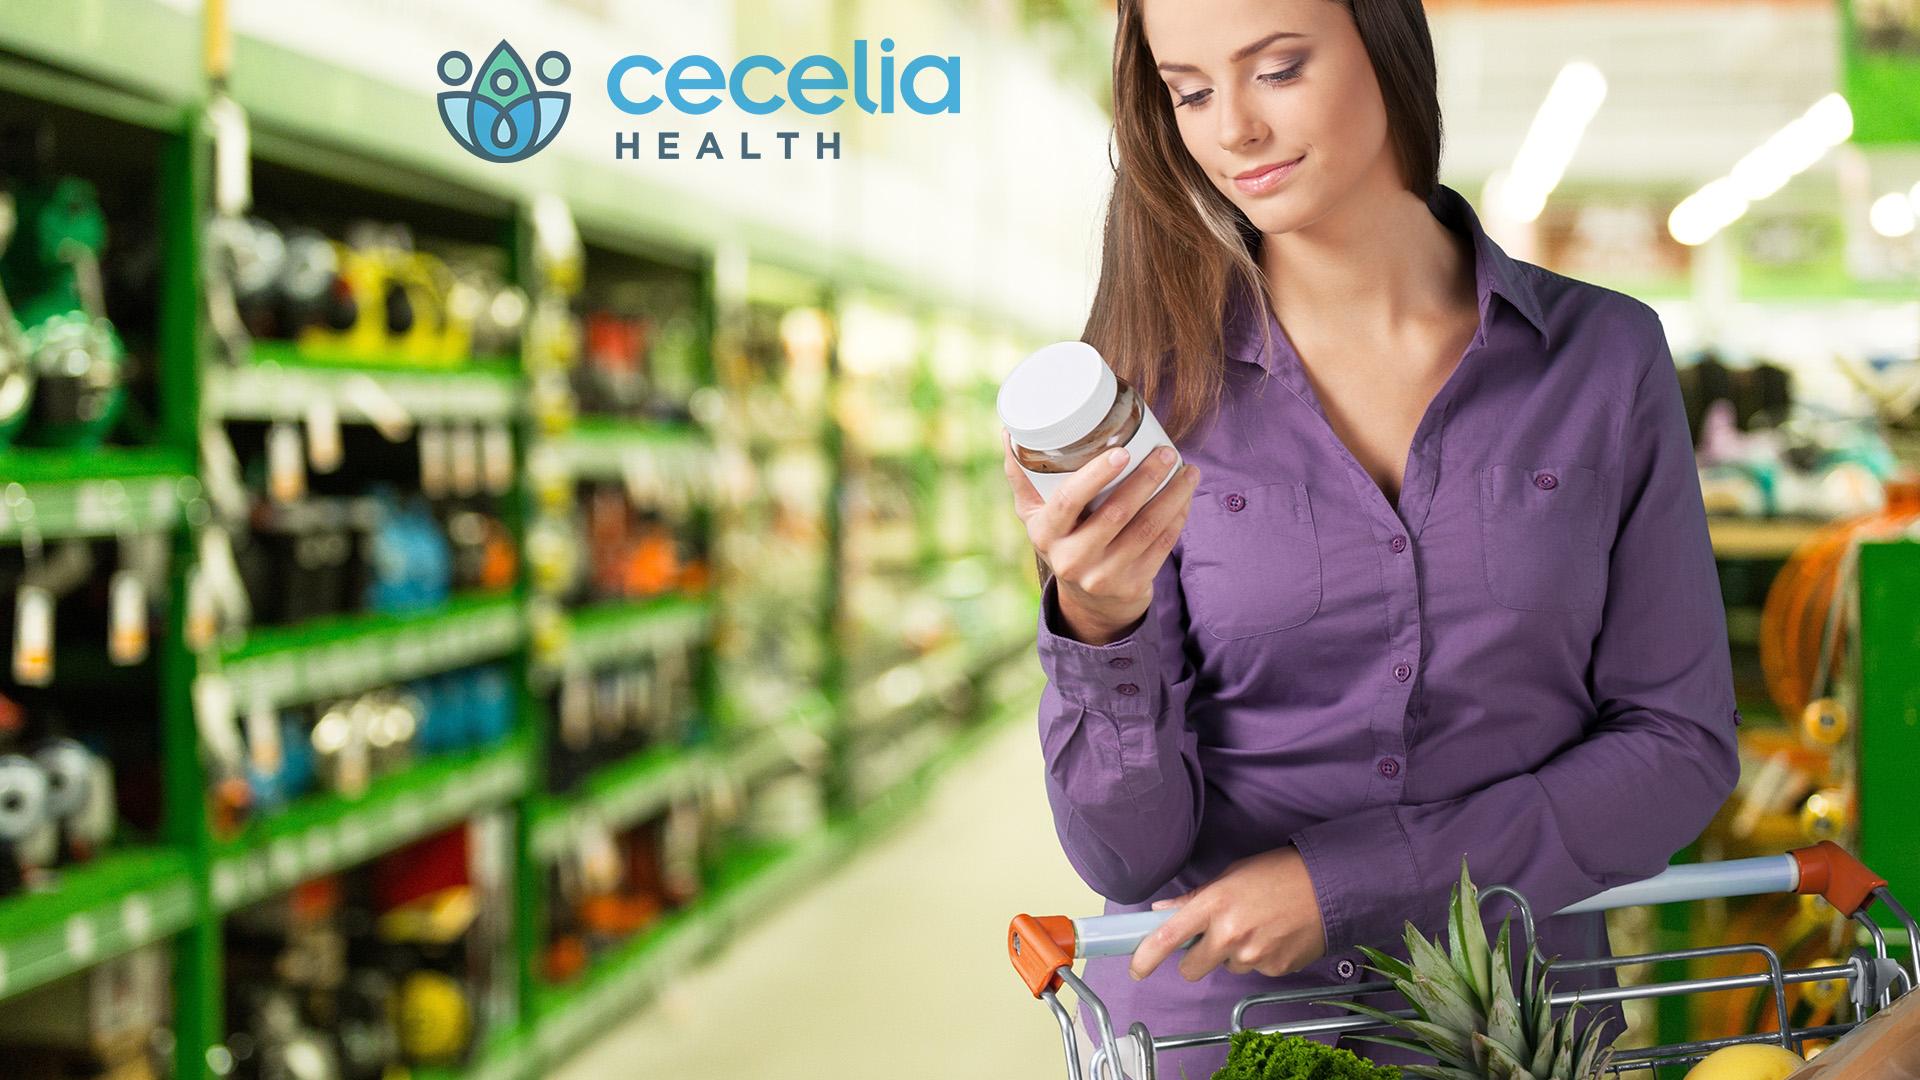 Comprender como leer una etiqueta de alimentos cuando tienes diabetes